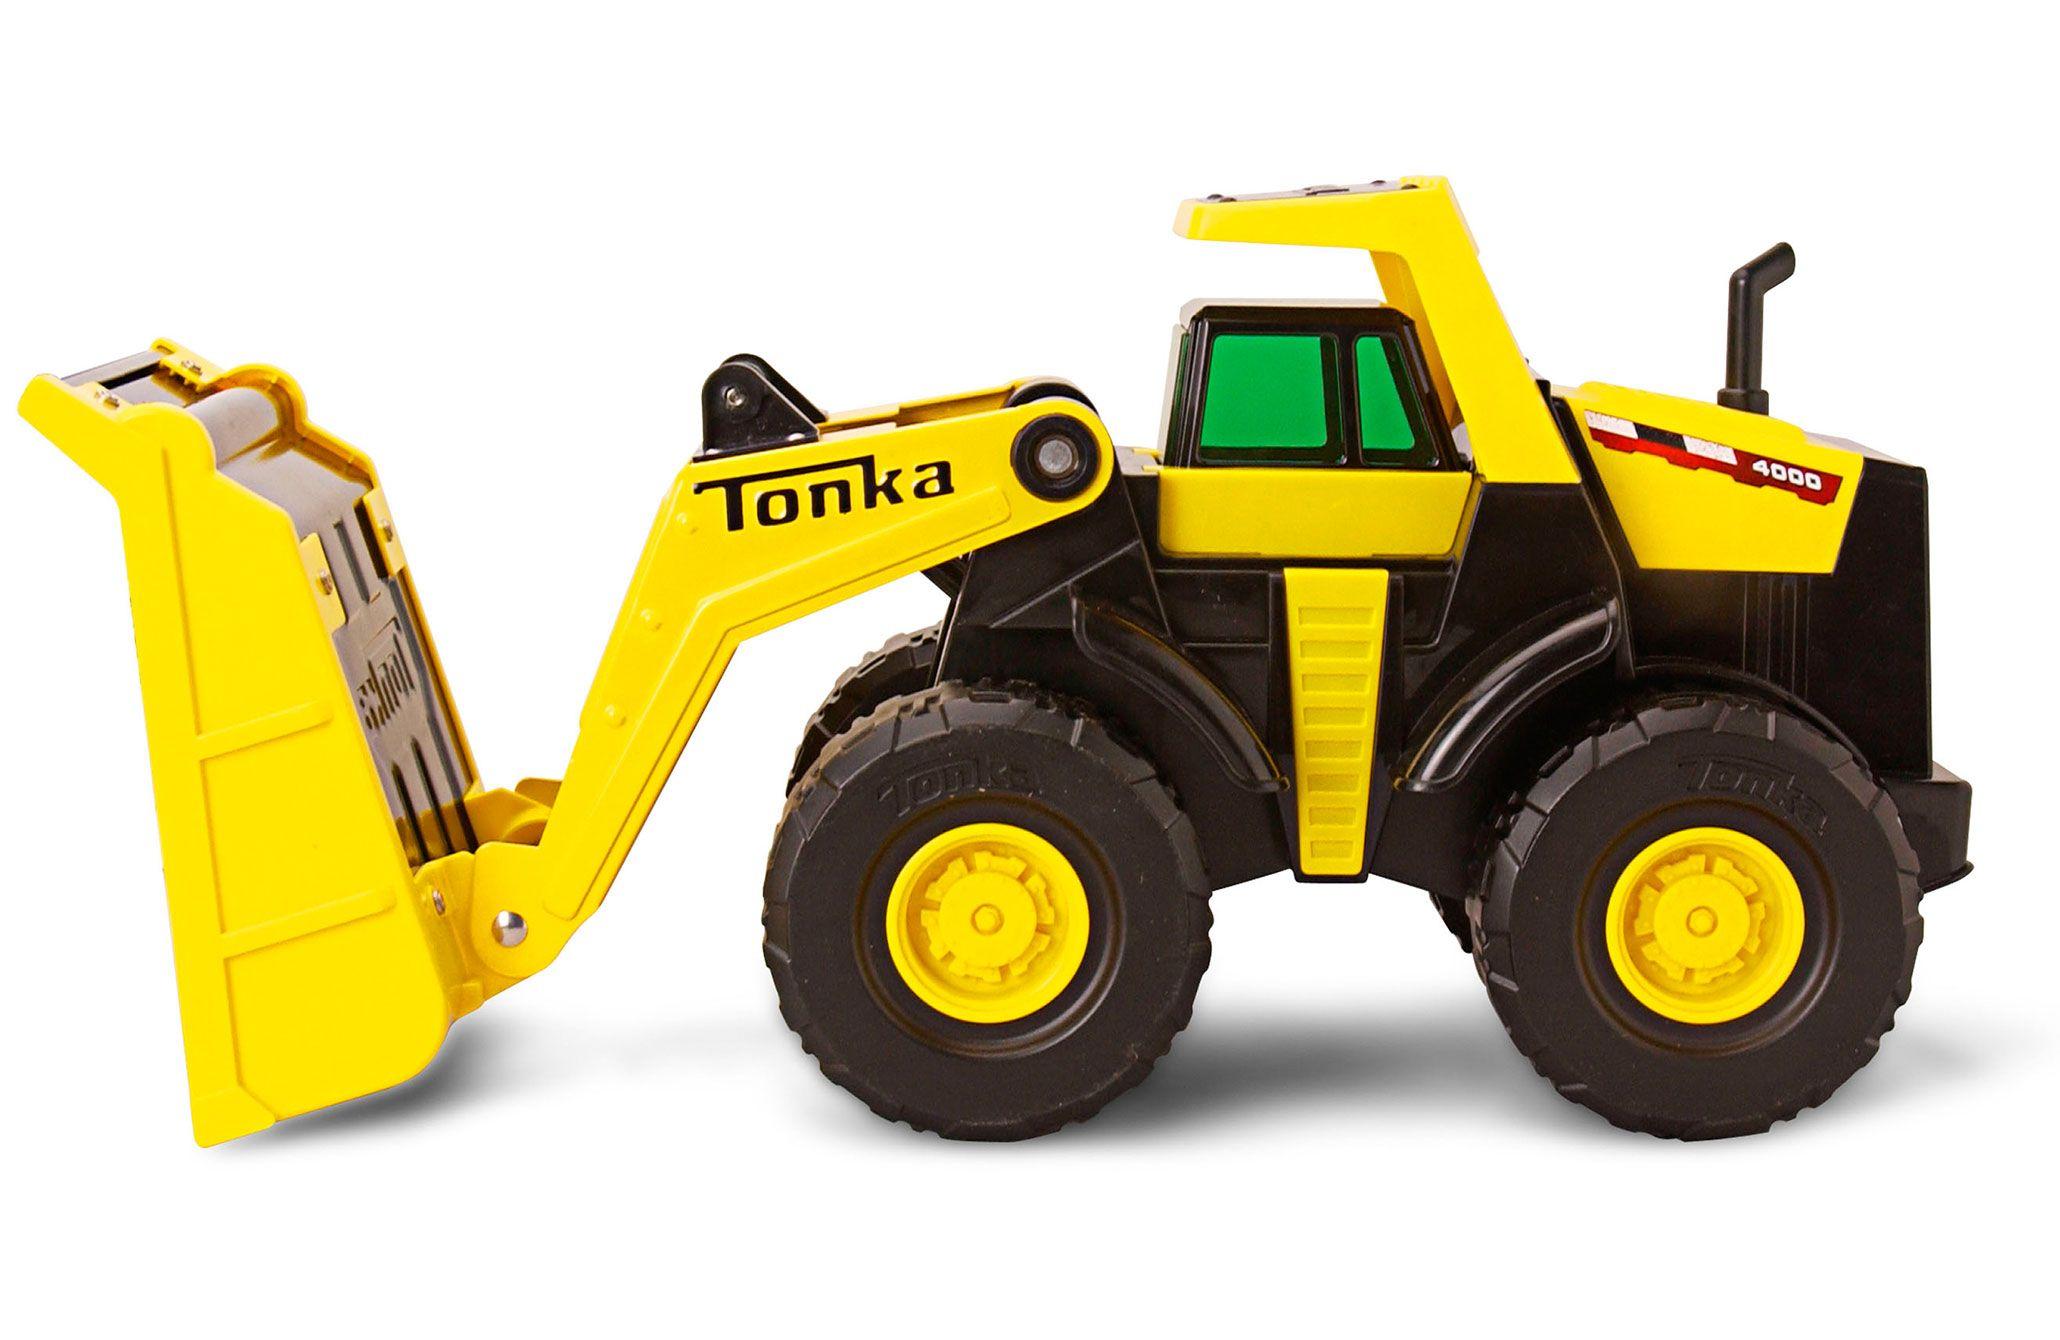 Tonka Clipart Clipground, Tonka Construction Toys.